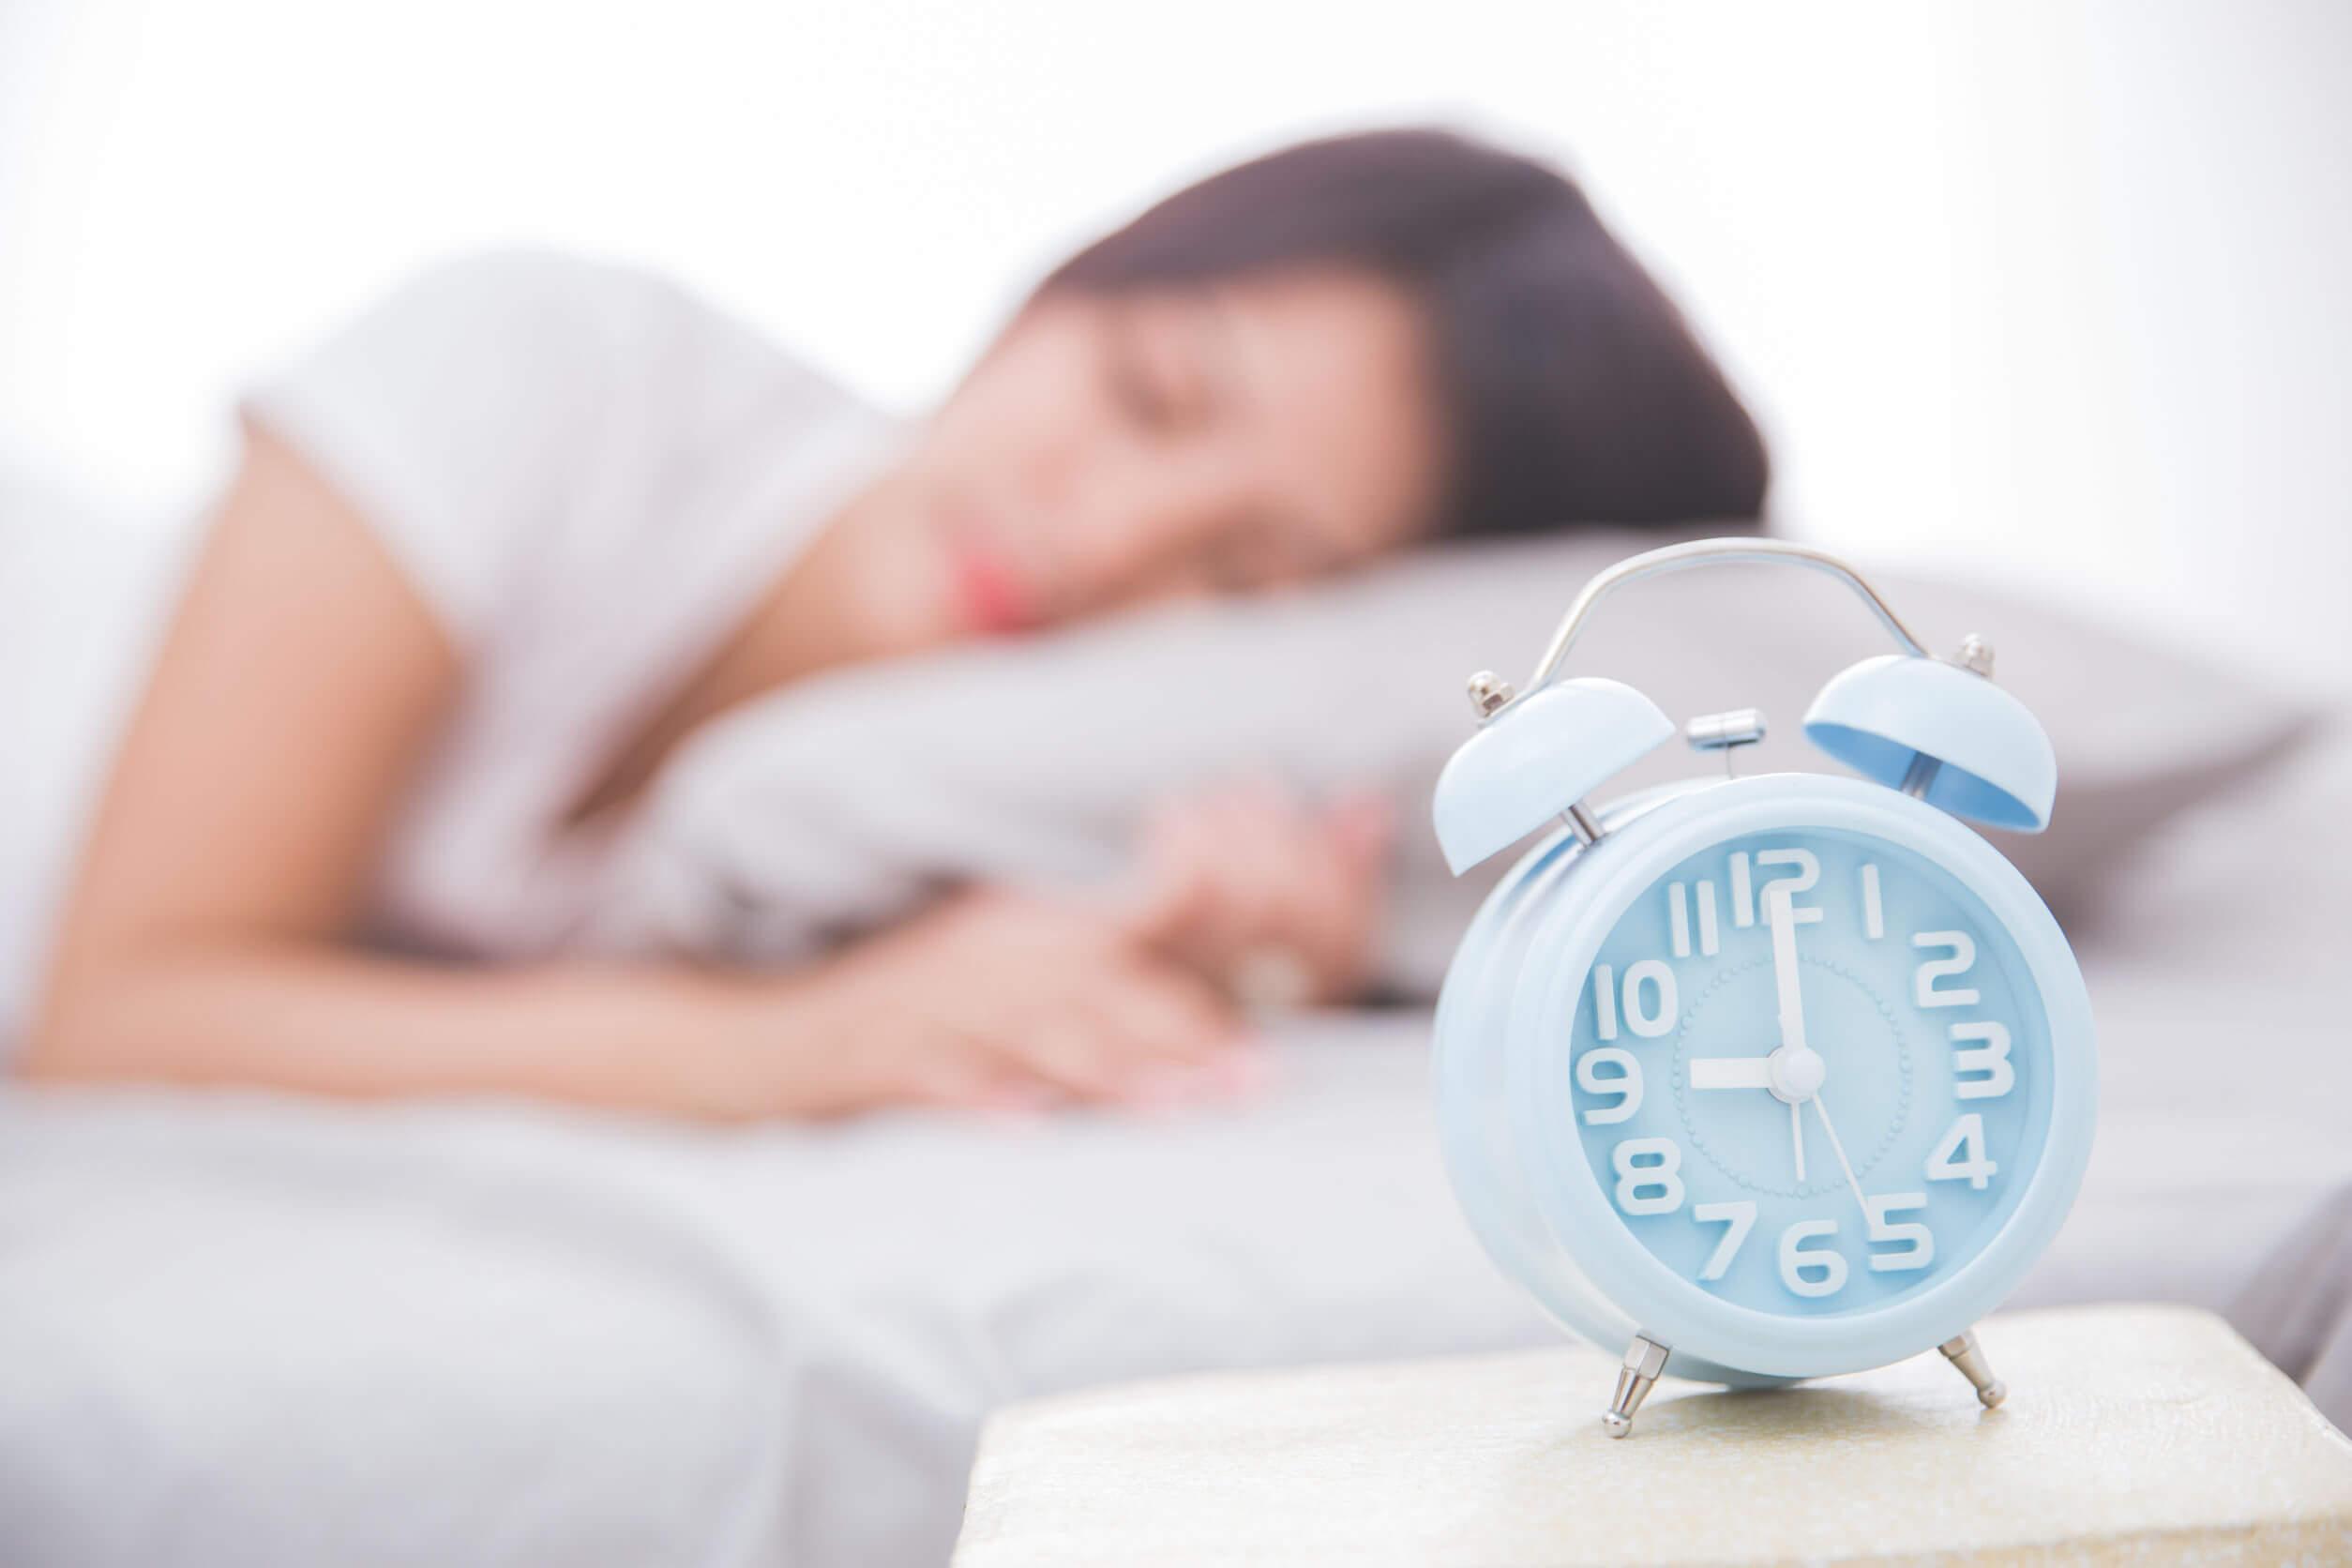 La narcolepsia suele generar problemas laborales y sociales.